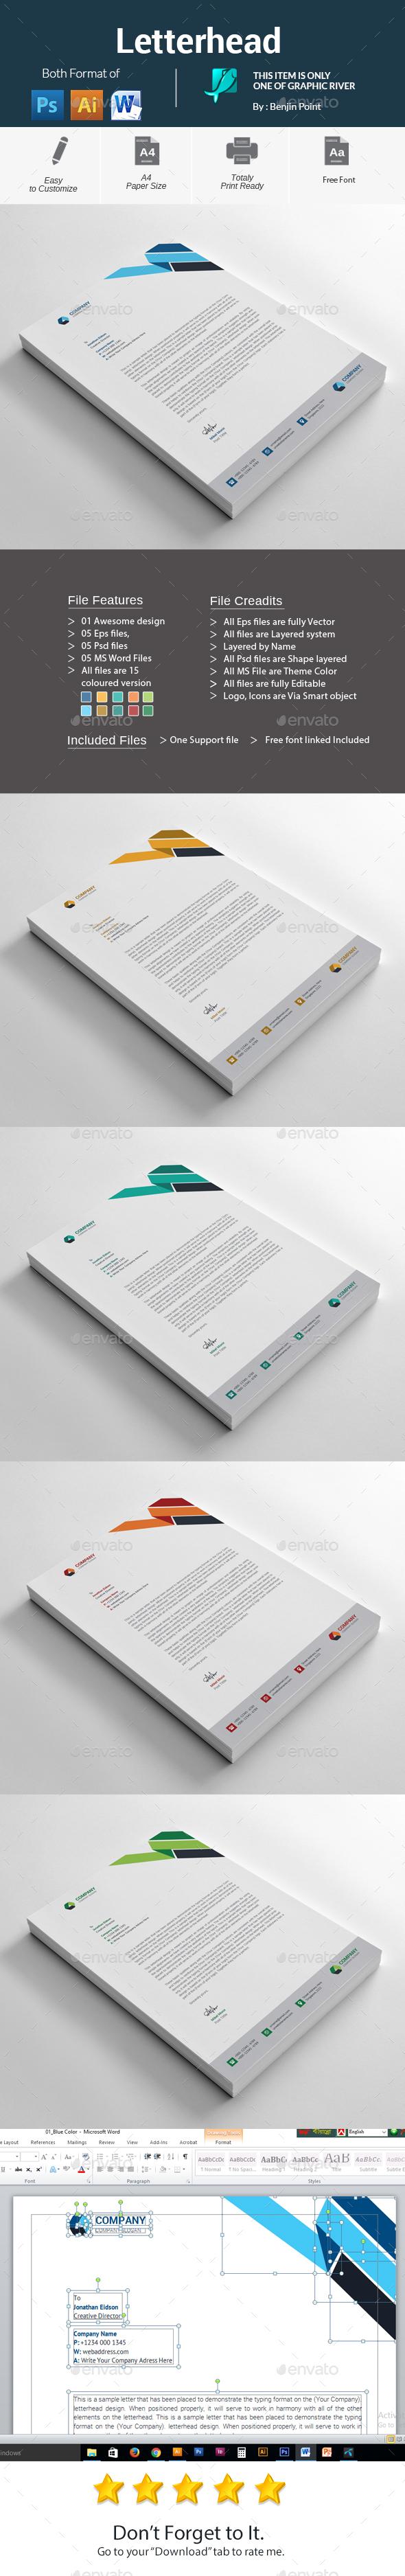 GraphicRiver Letterhead 20985299